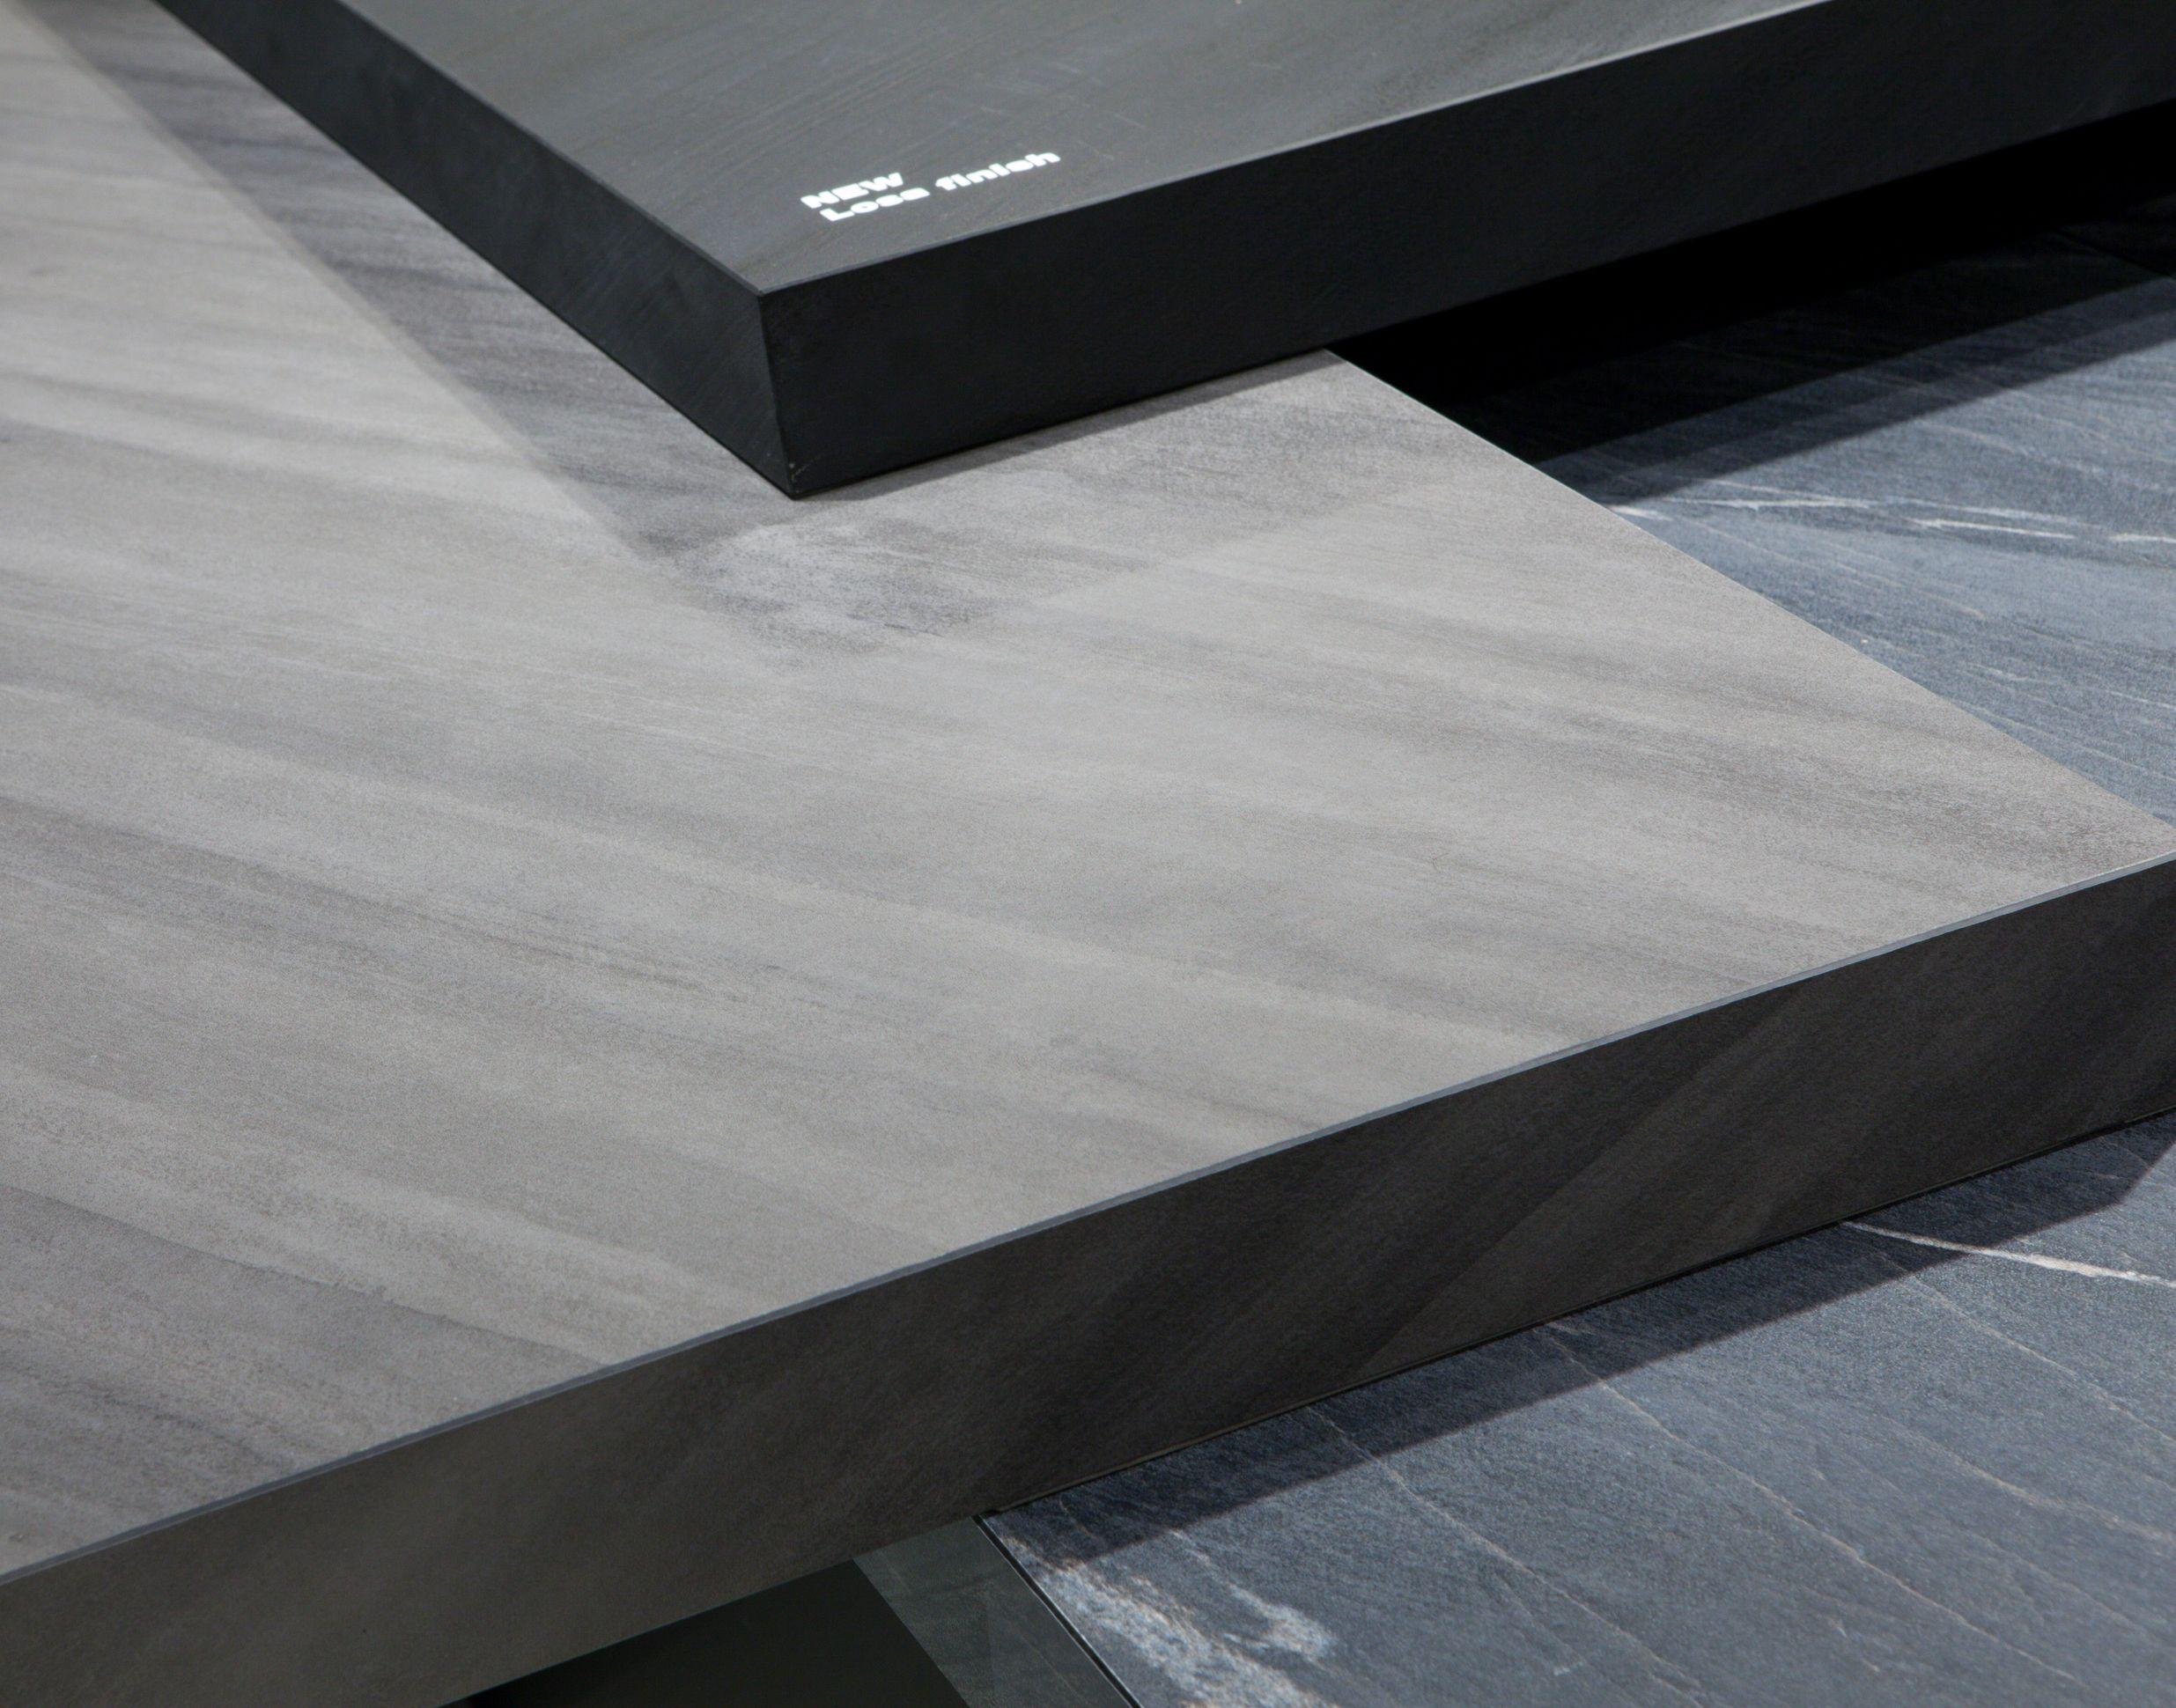 The New Losa Finish Made Of Arpaindustriale Hpl Interior Design Interior Design